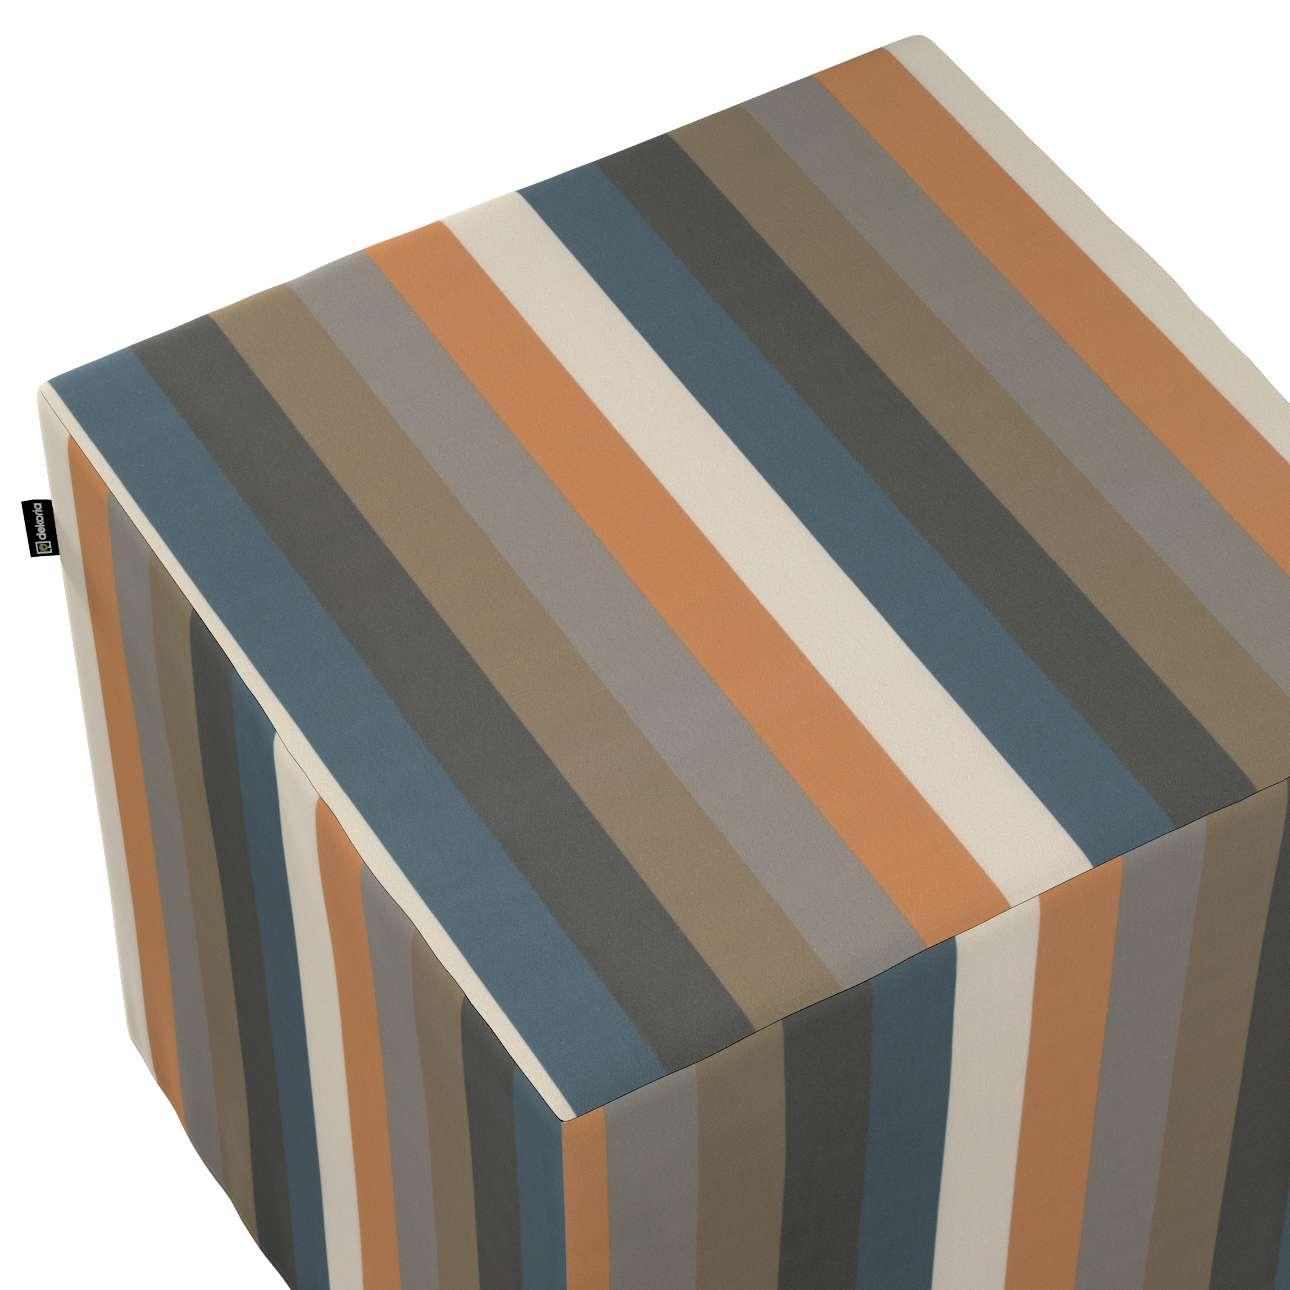 Taburetka tvrdá, kocka V kolekcii Vintage 70's, tkanina: 143-58